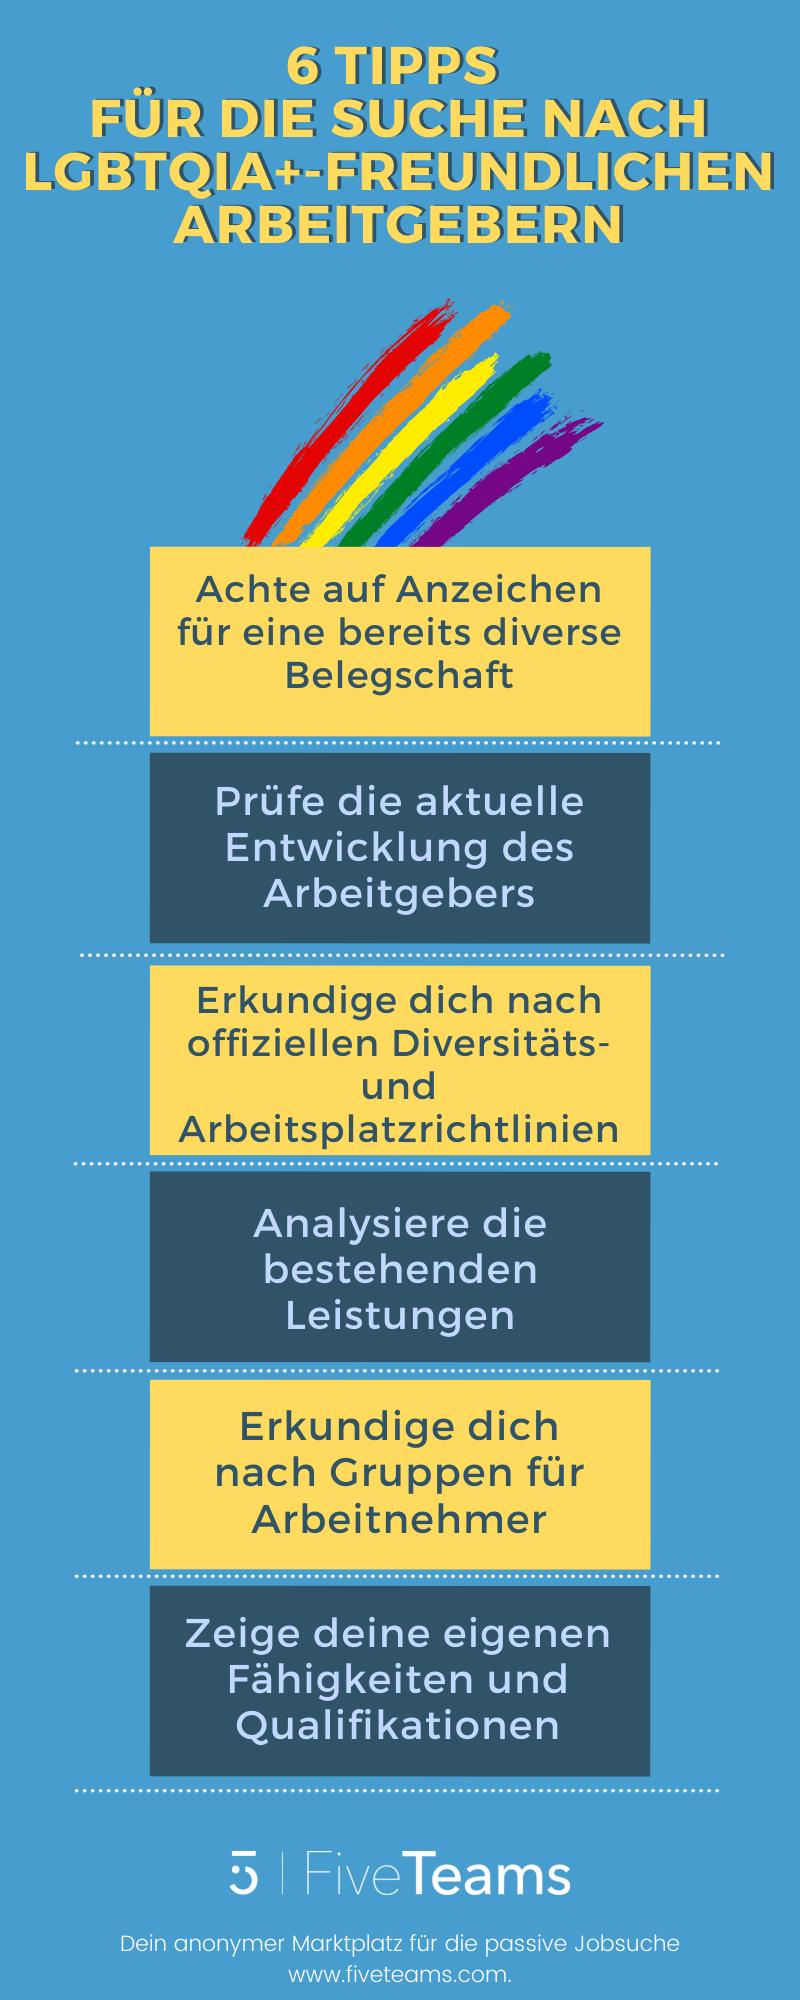 6 Tipps  für die Suche nach LGBTQIA+-freundlichen Arbeitgebern